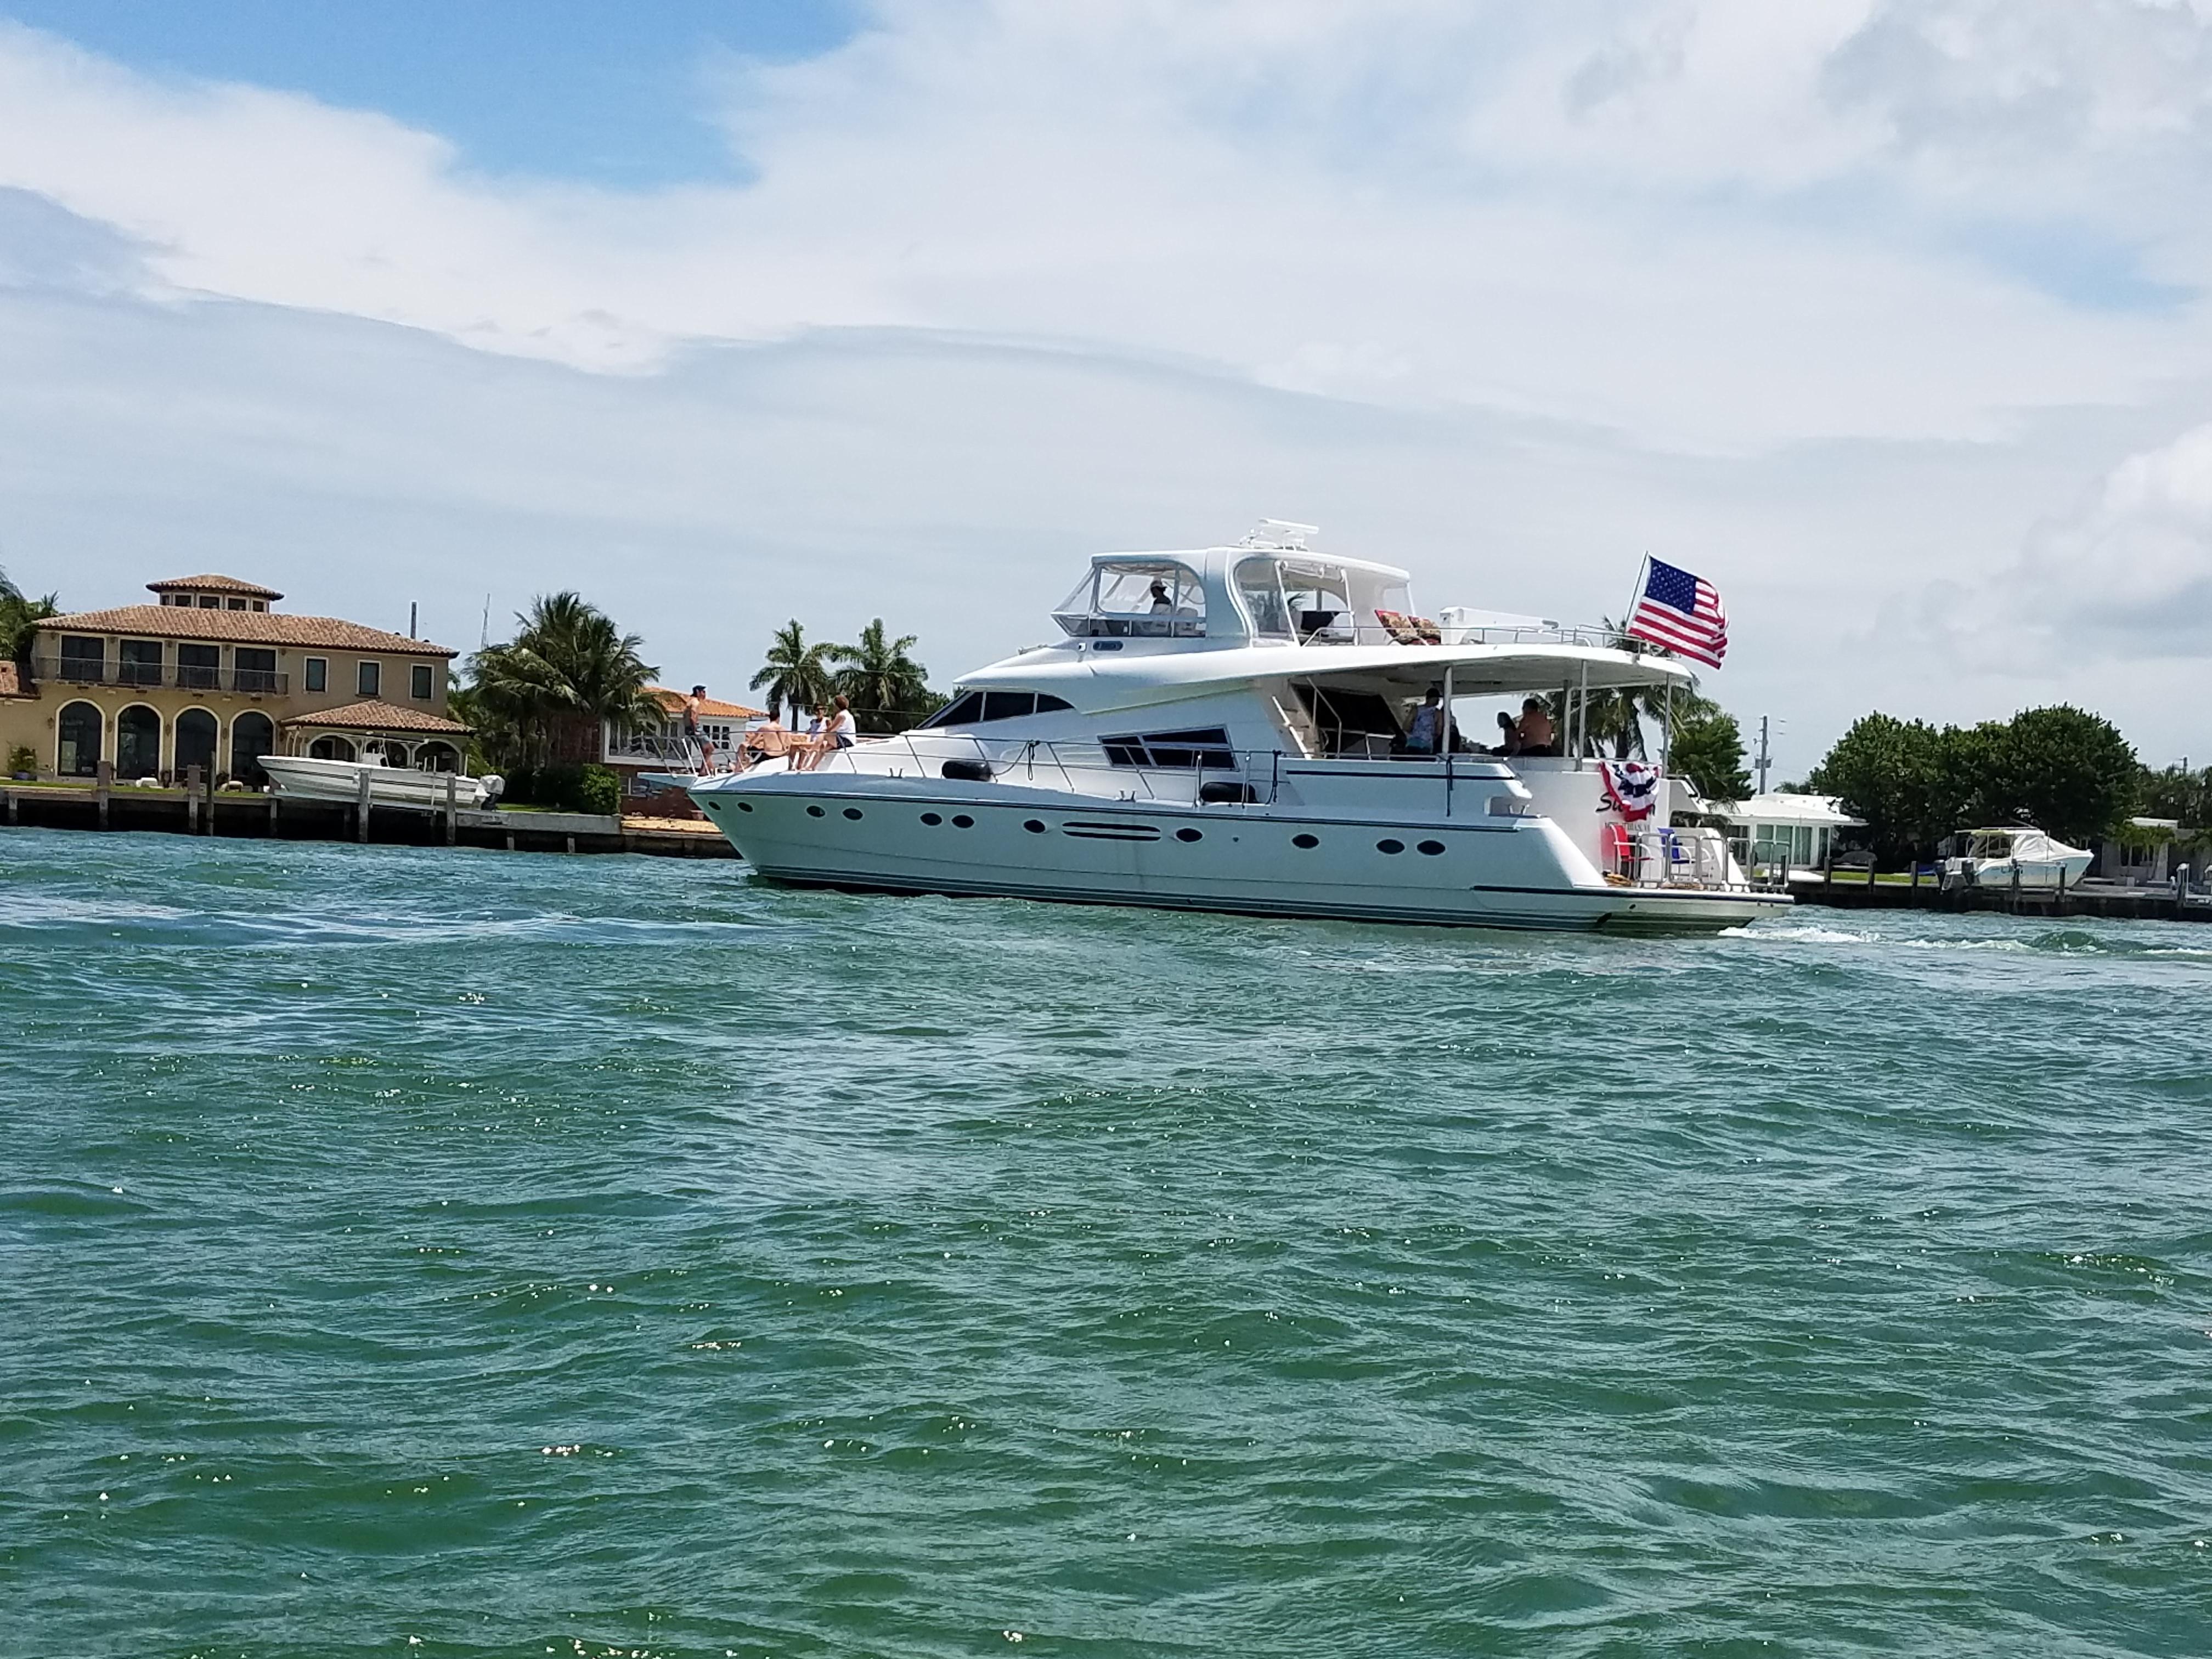 2002 Johnson Motor Yacht 70 Power Boat For Sale Www